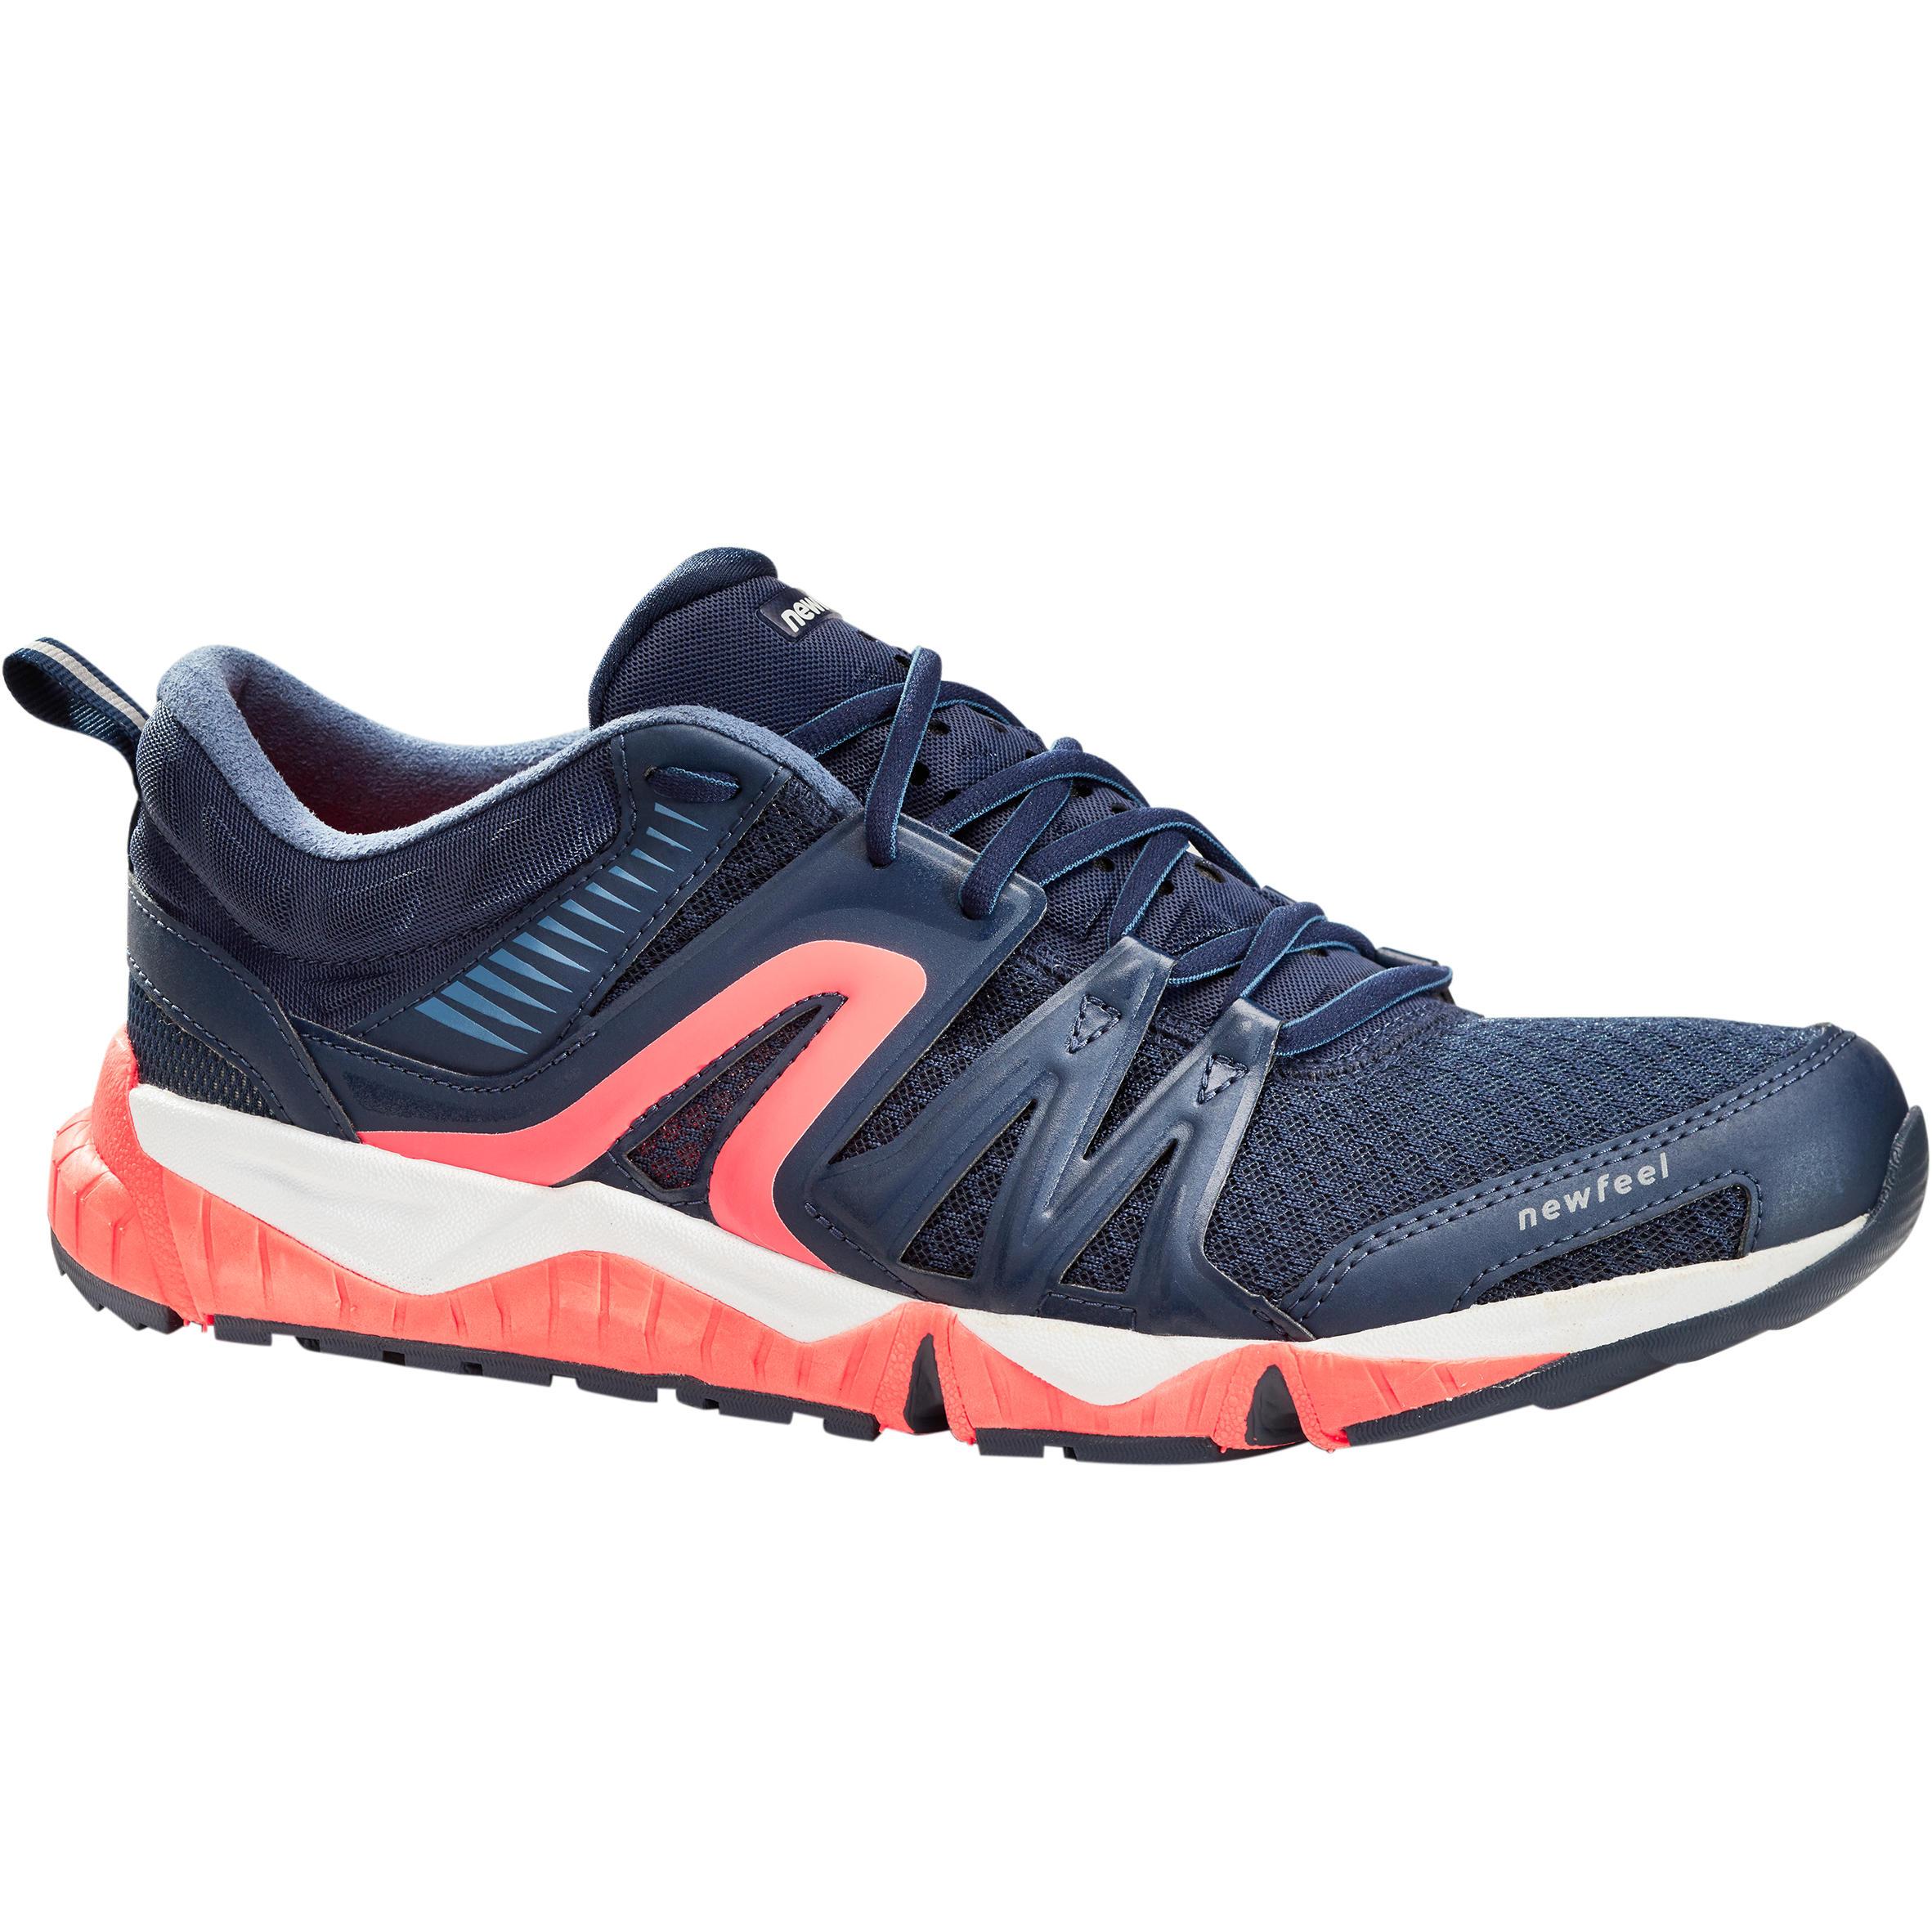 7cd5eb48dee44 Comprar Zapatillas de Marcha Hombre Online